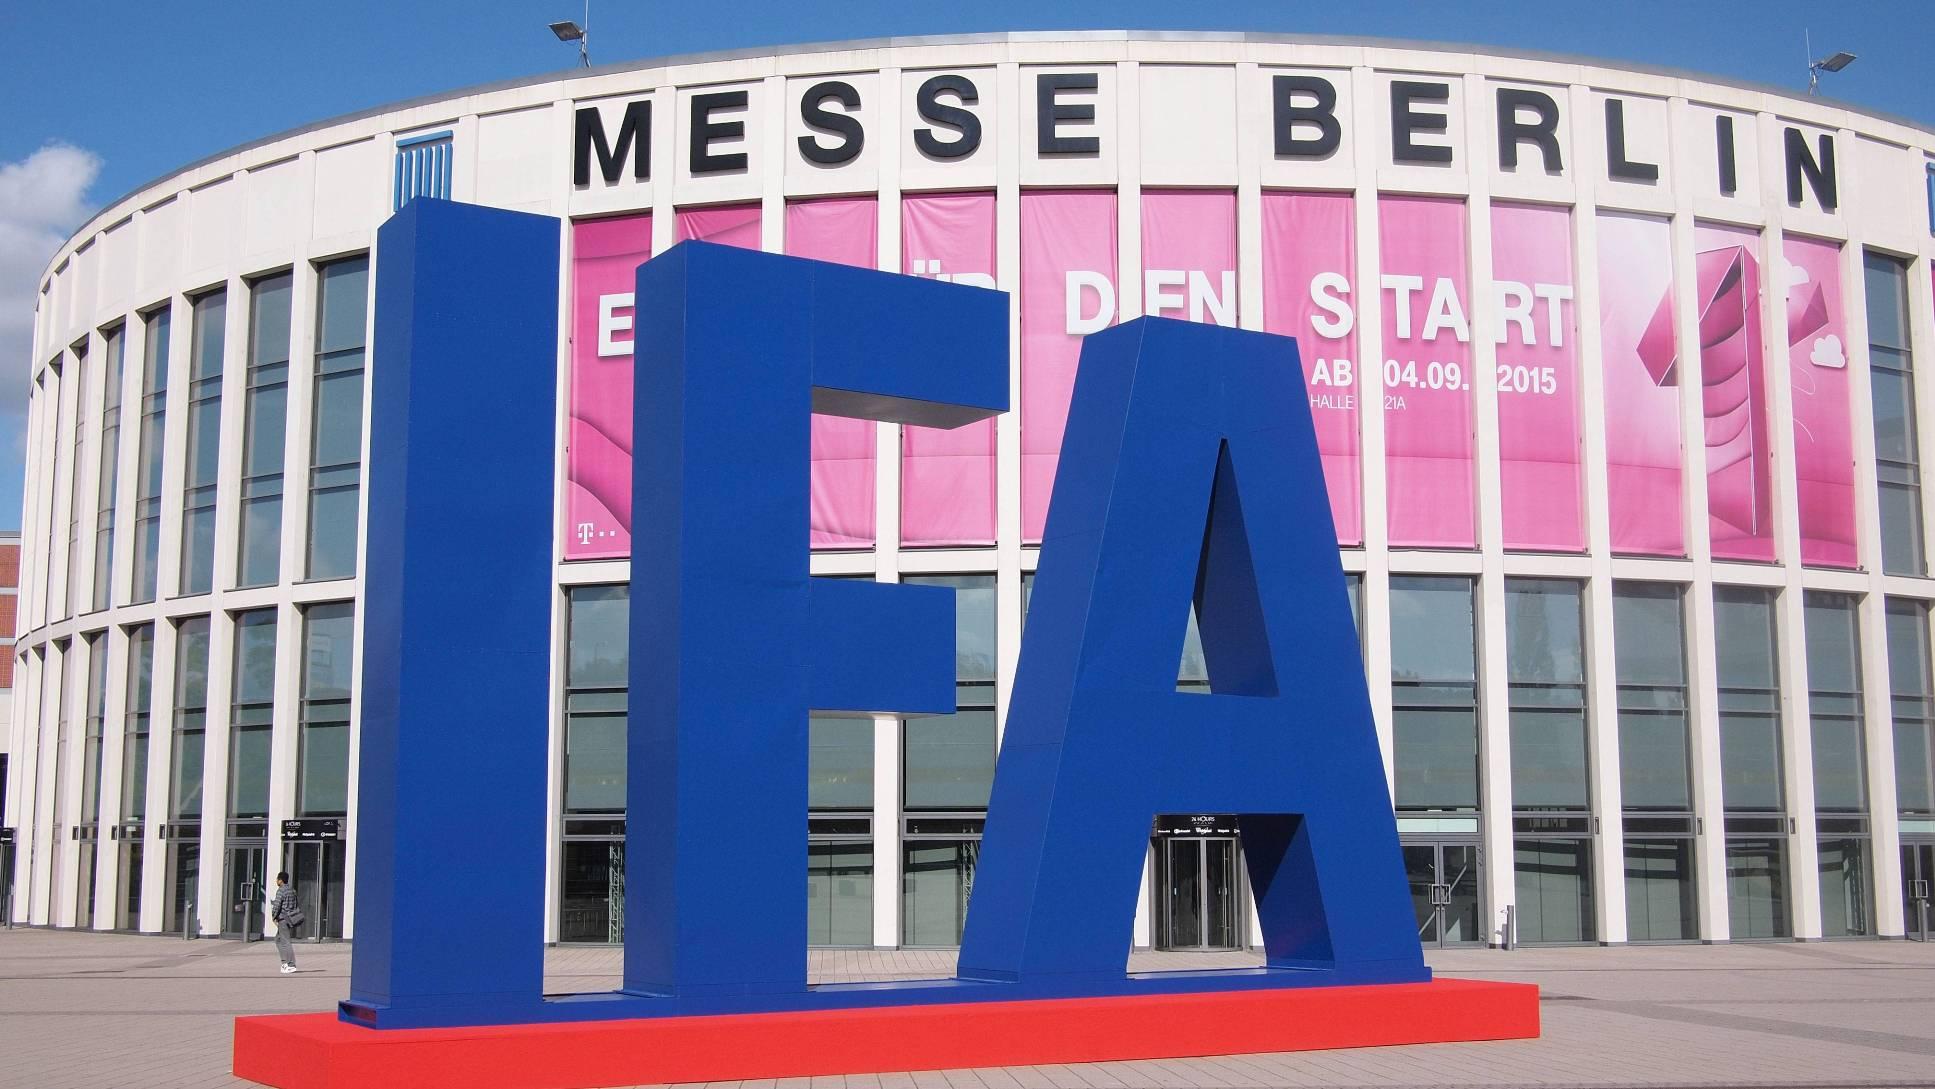 Startuje IFA 2016 - oczywiście będziemy tam! Czego się spodziewamy? - HDTVPolska